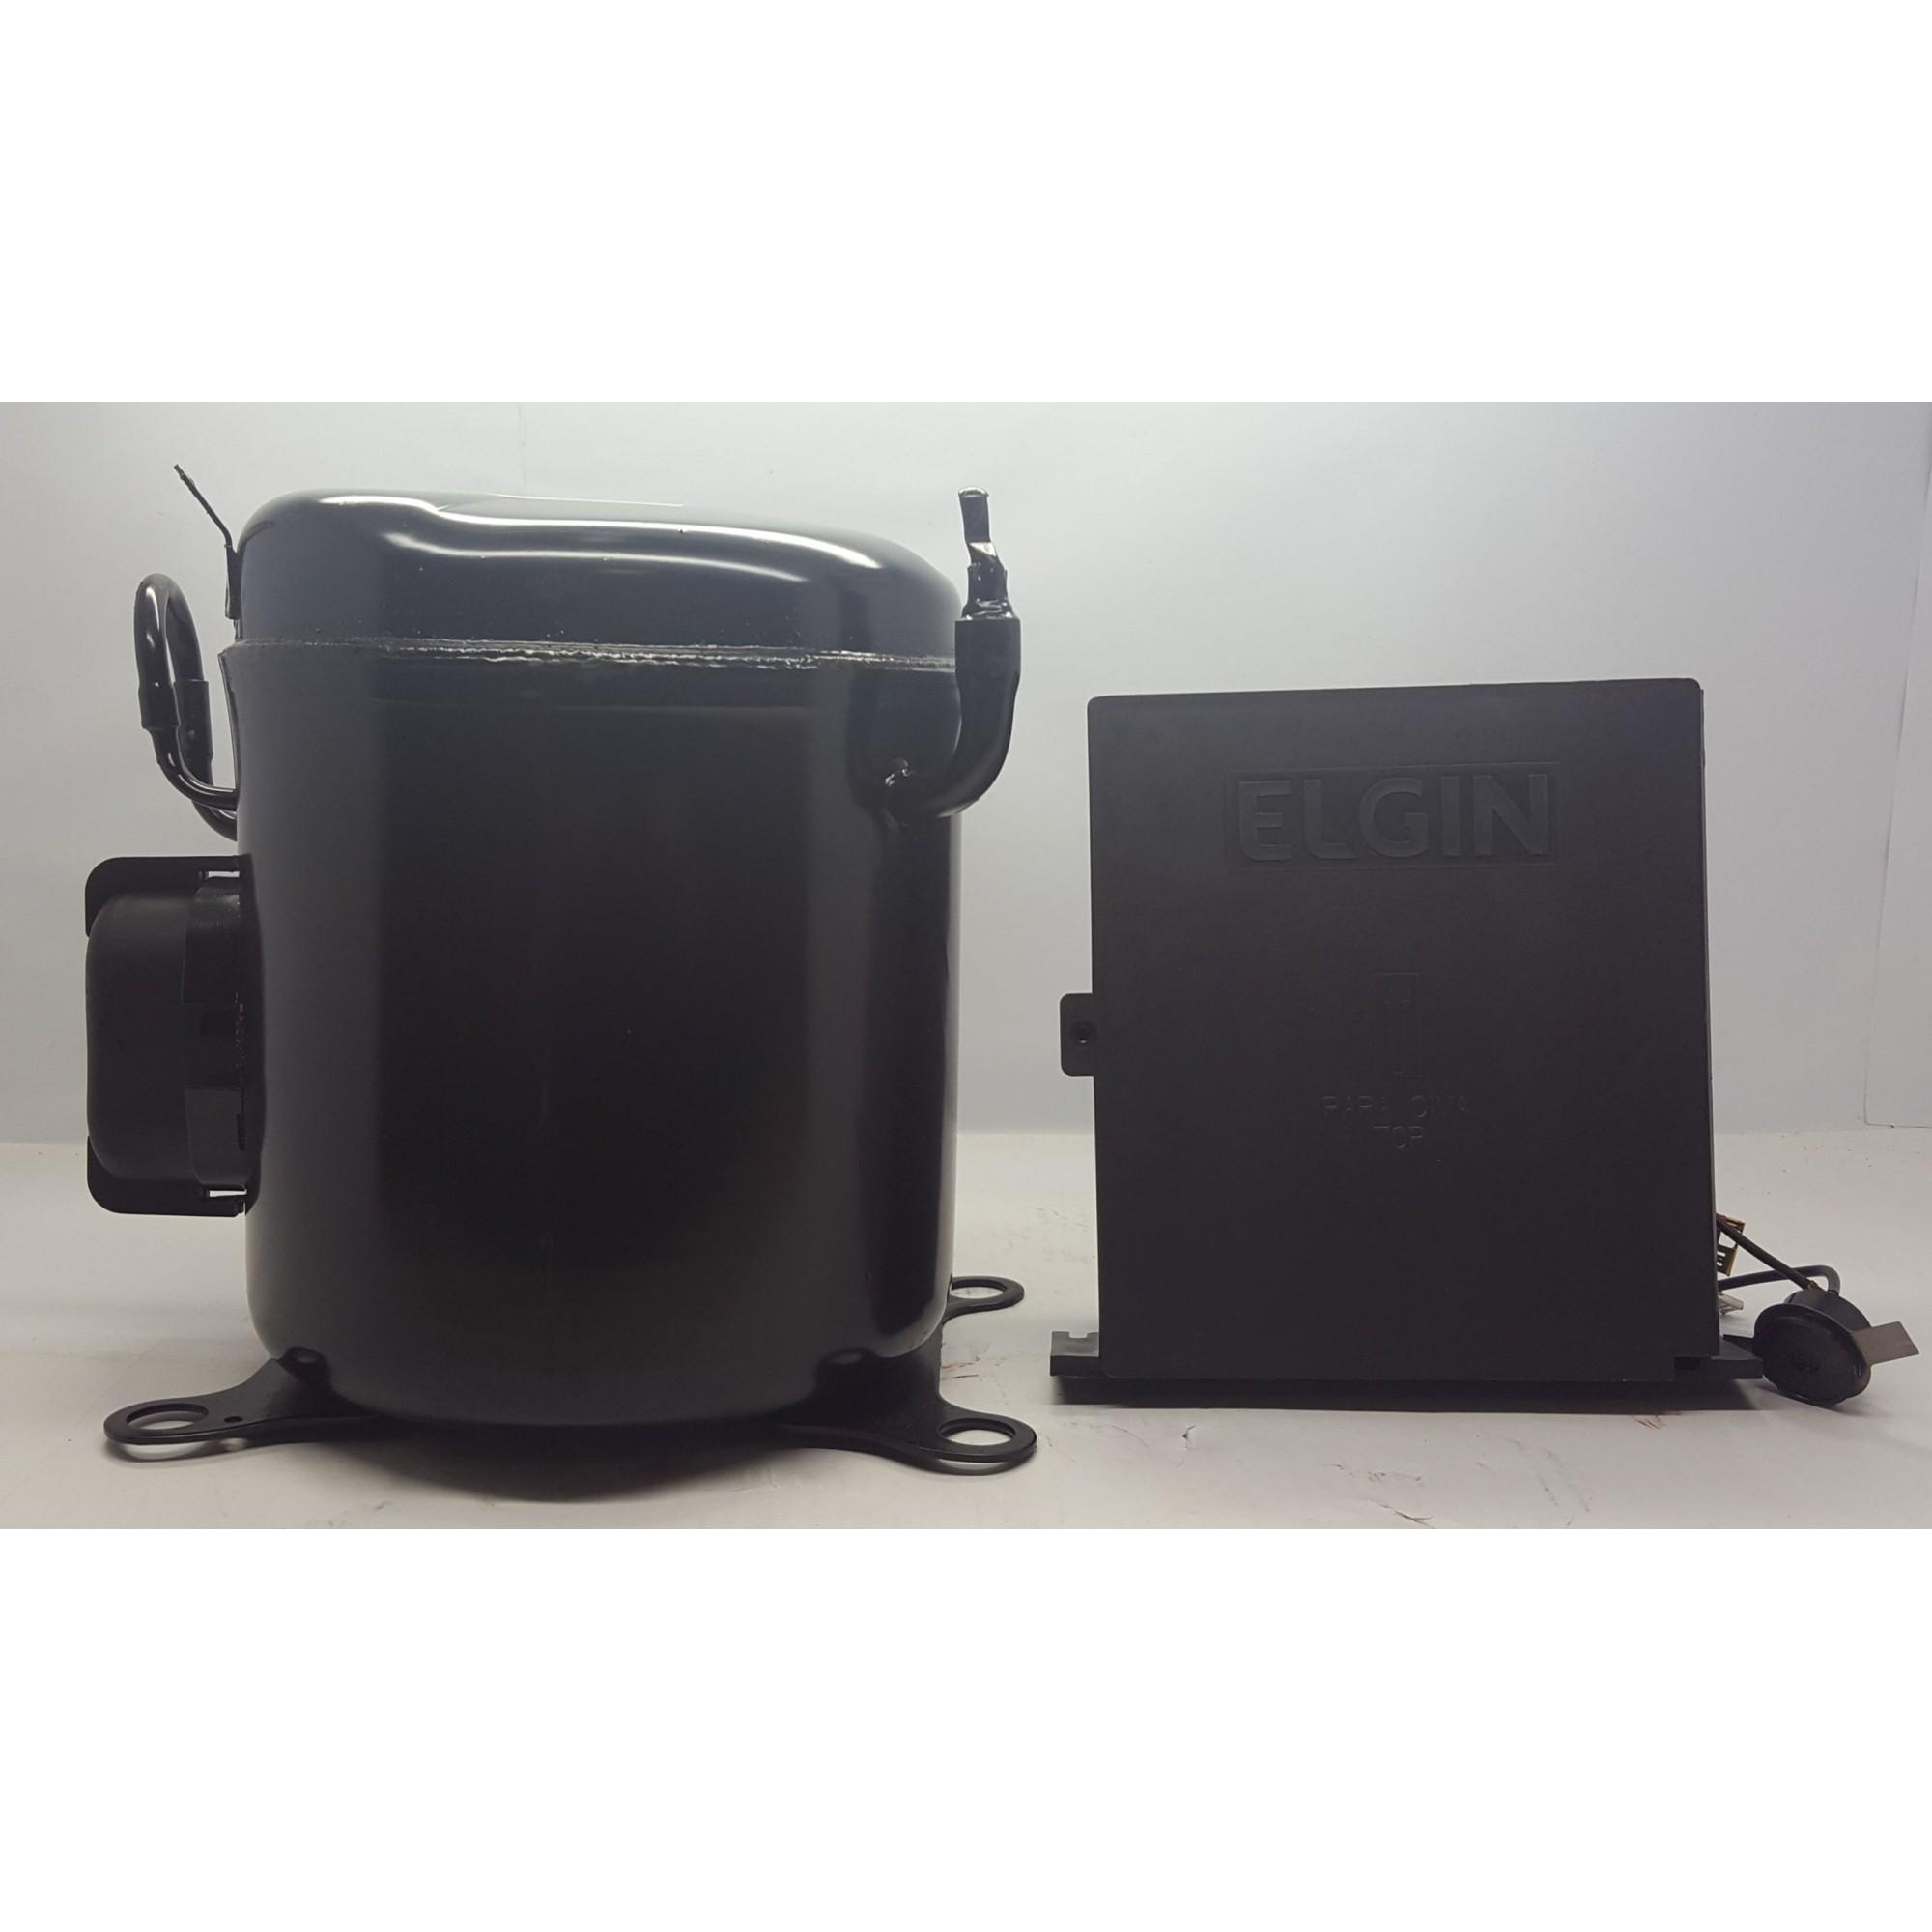 COMPRESSOR ELGIN 1 HP - TCM-2050-E - R22 (220v)